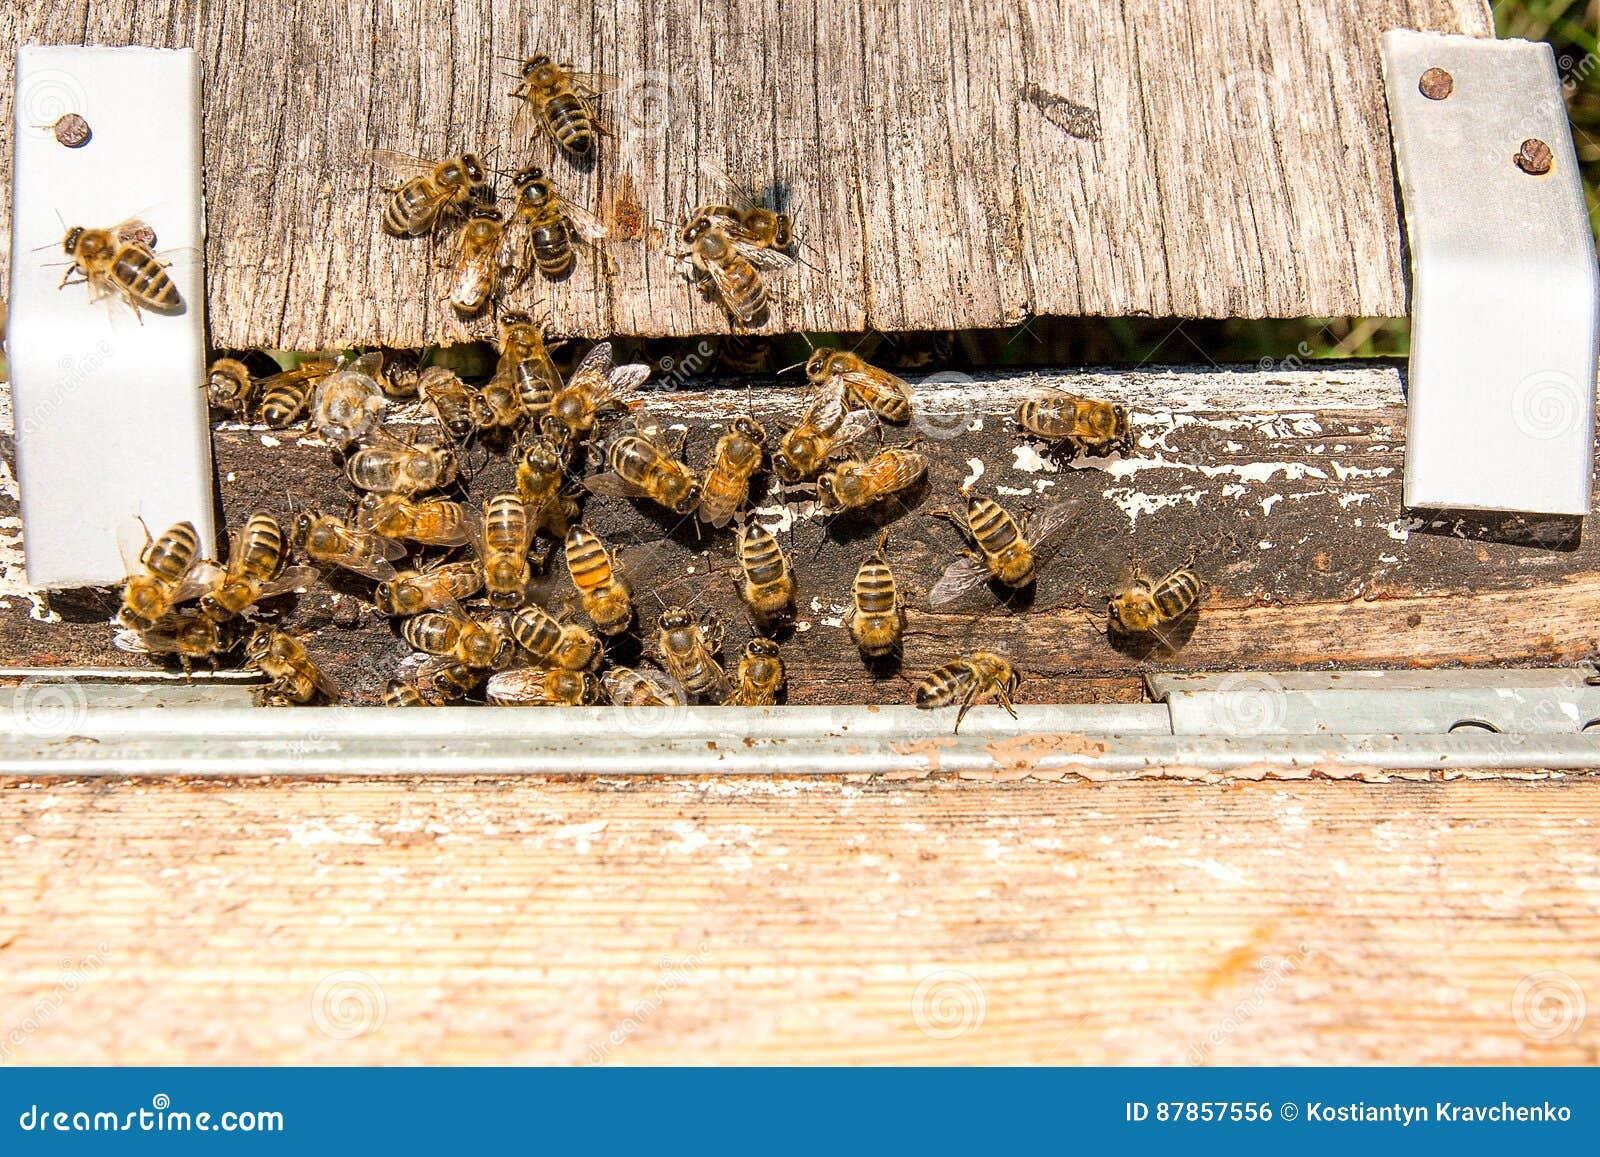 Abondance des abeilles l 39 entr e de la ruche dans le for Abeilles dans la maison